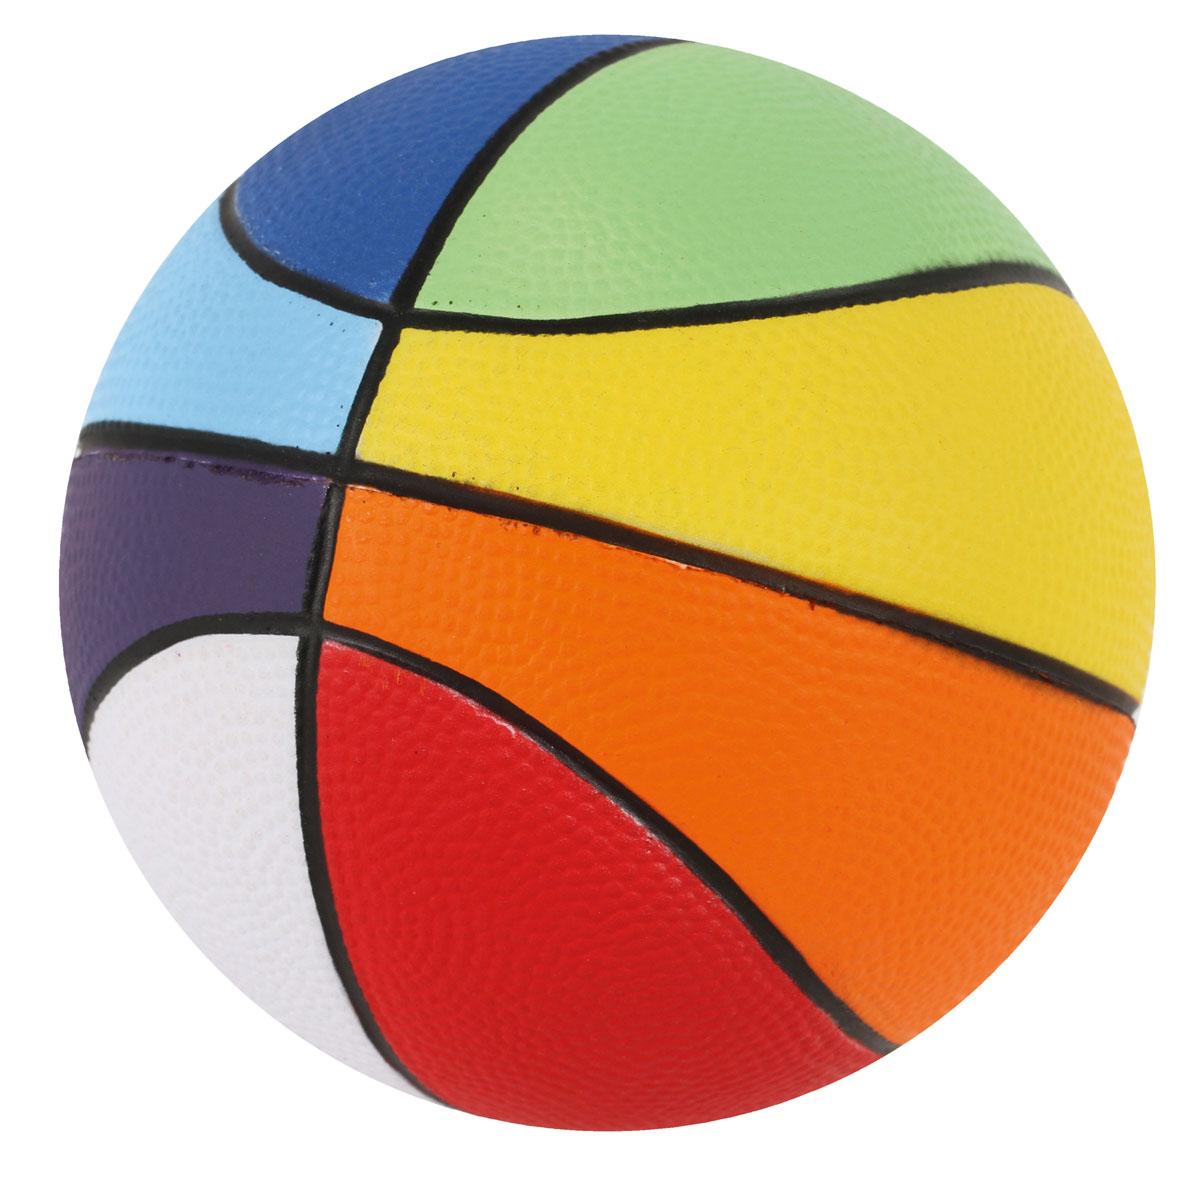 Мяч мягкий John Спорт, 10 см56630Мягкий мяч John Спорт - это игрушка для детей любого возраста. Он выполнен из полиуретана с мягкой набивкой и оформлен ярким рисунком. Мягкий мяч незаменим для любителей подвижных игр и активного отдыха и абсолютно безопасен. Игры с мячом развивают координацию движений, способствуют физическому развитию ребенка.